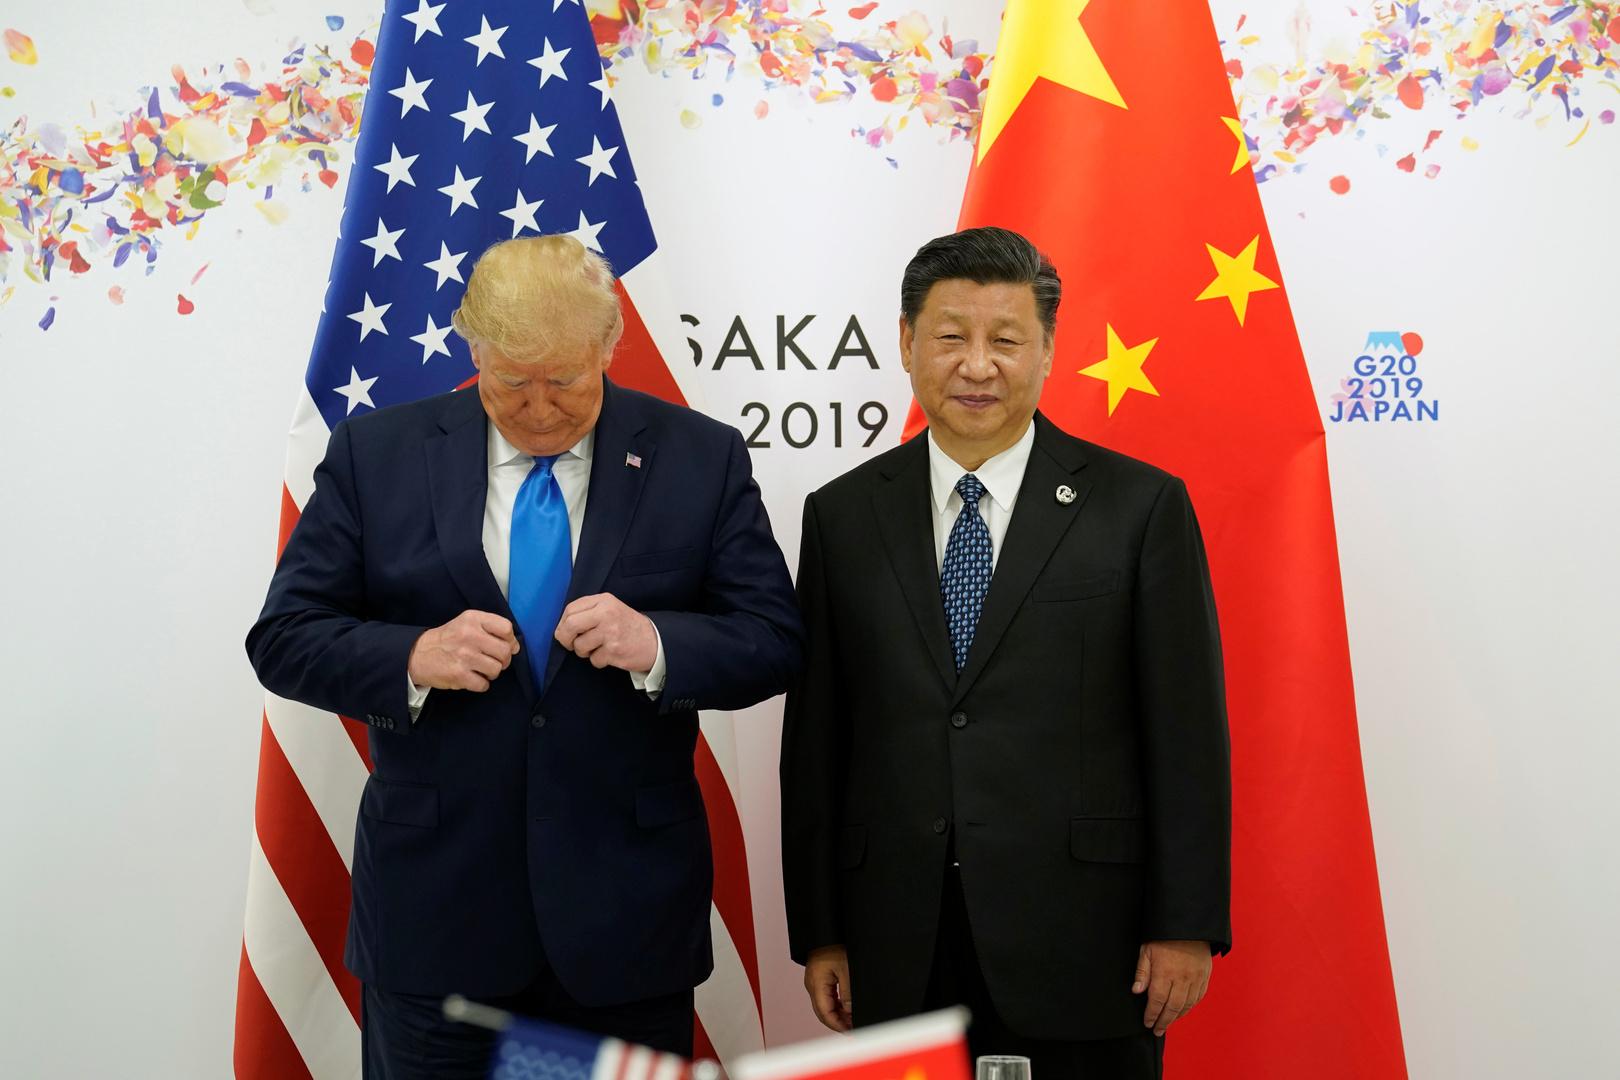 فيروس كورونا قد يشعل حربا باردة جديدة بين الولايات المتحدة والصين